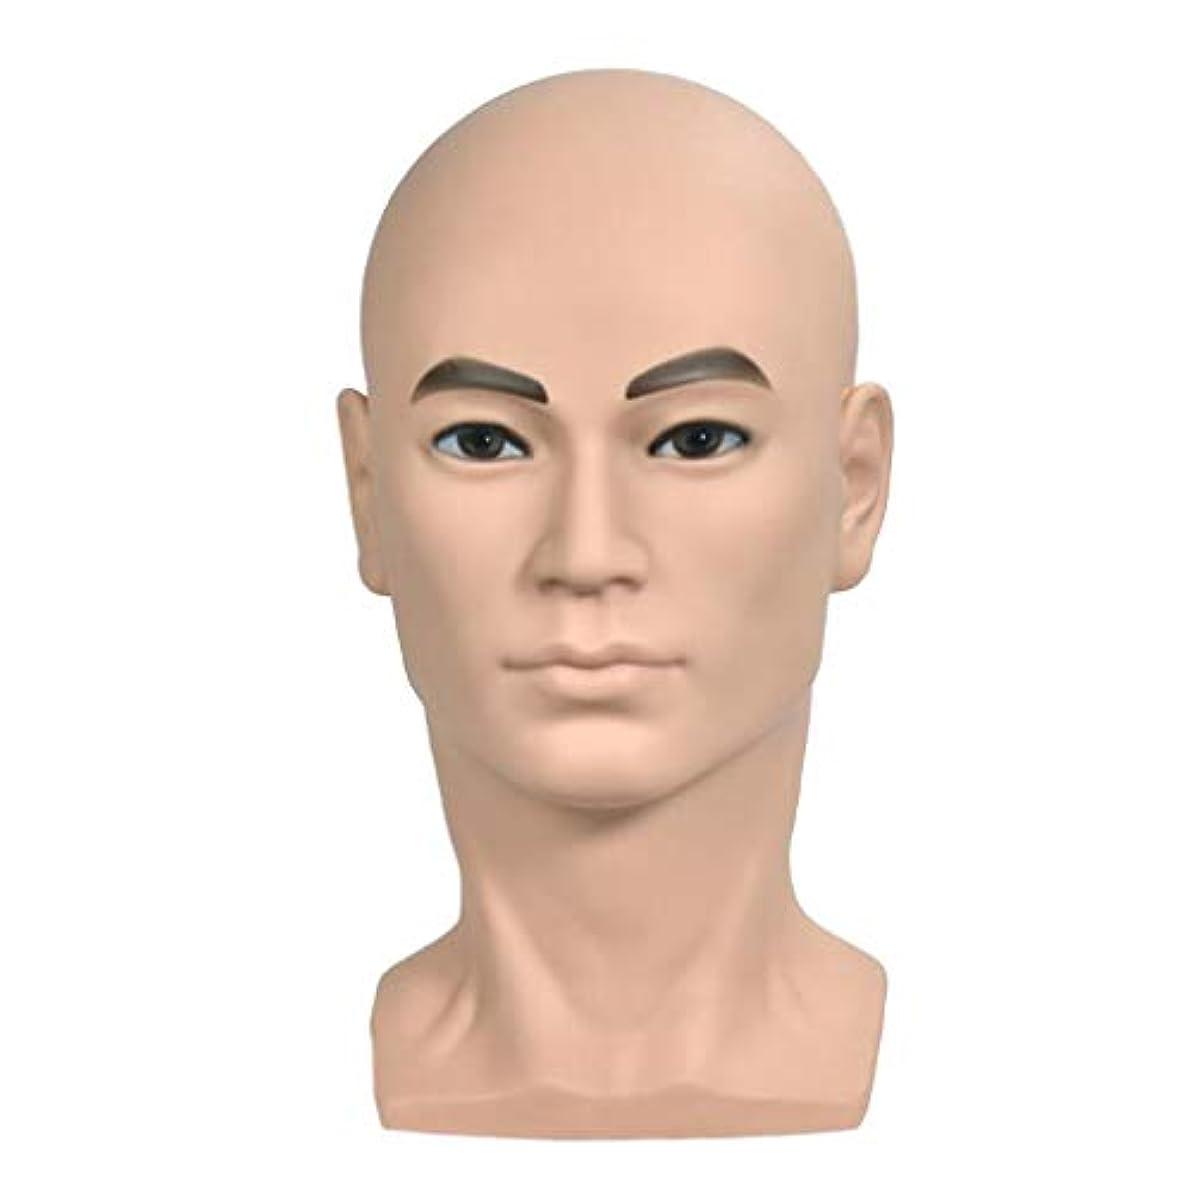 予感ショット感謝マネキンヘッド 男性 ヘッドモデル ウィッグ 帽子 ディスプレイ ホルダー 美容院 家